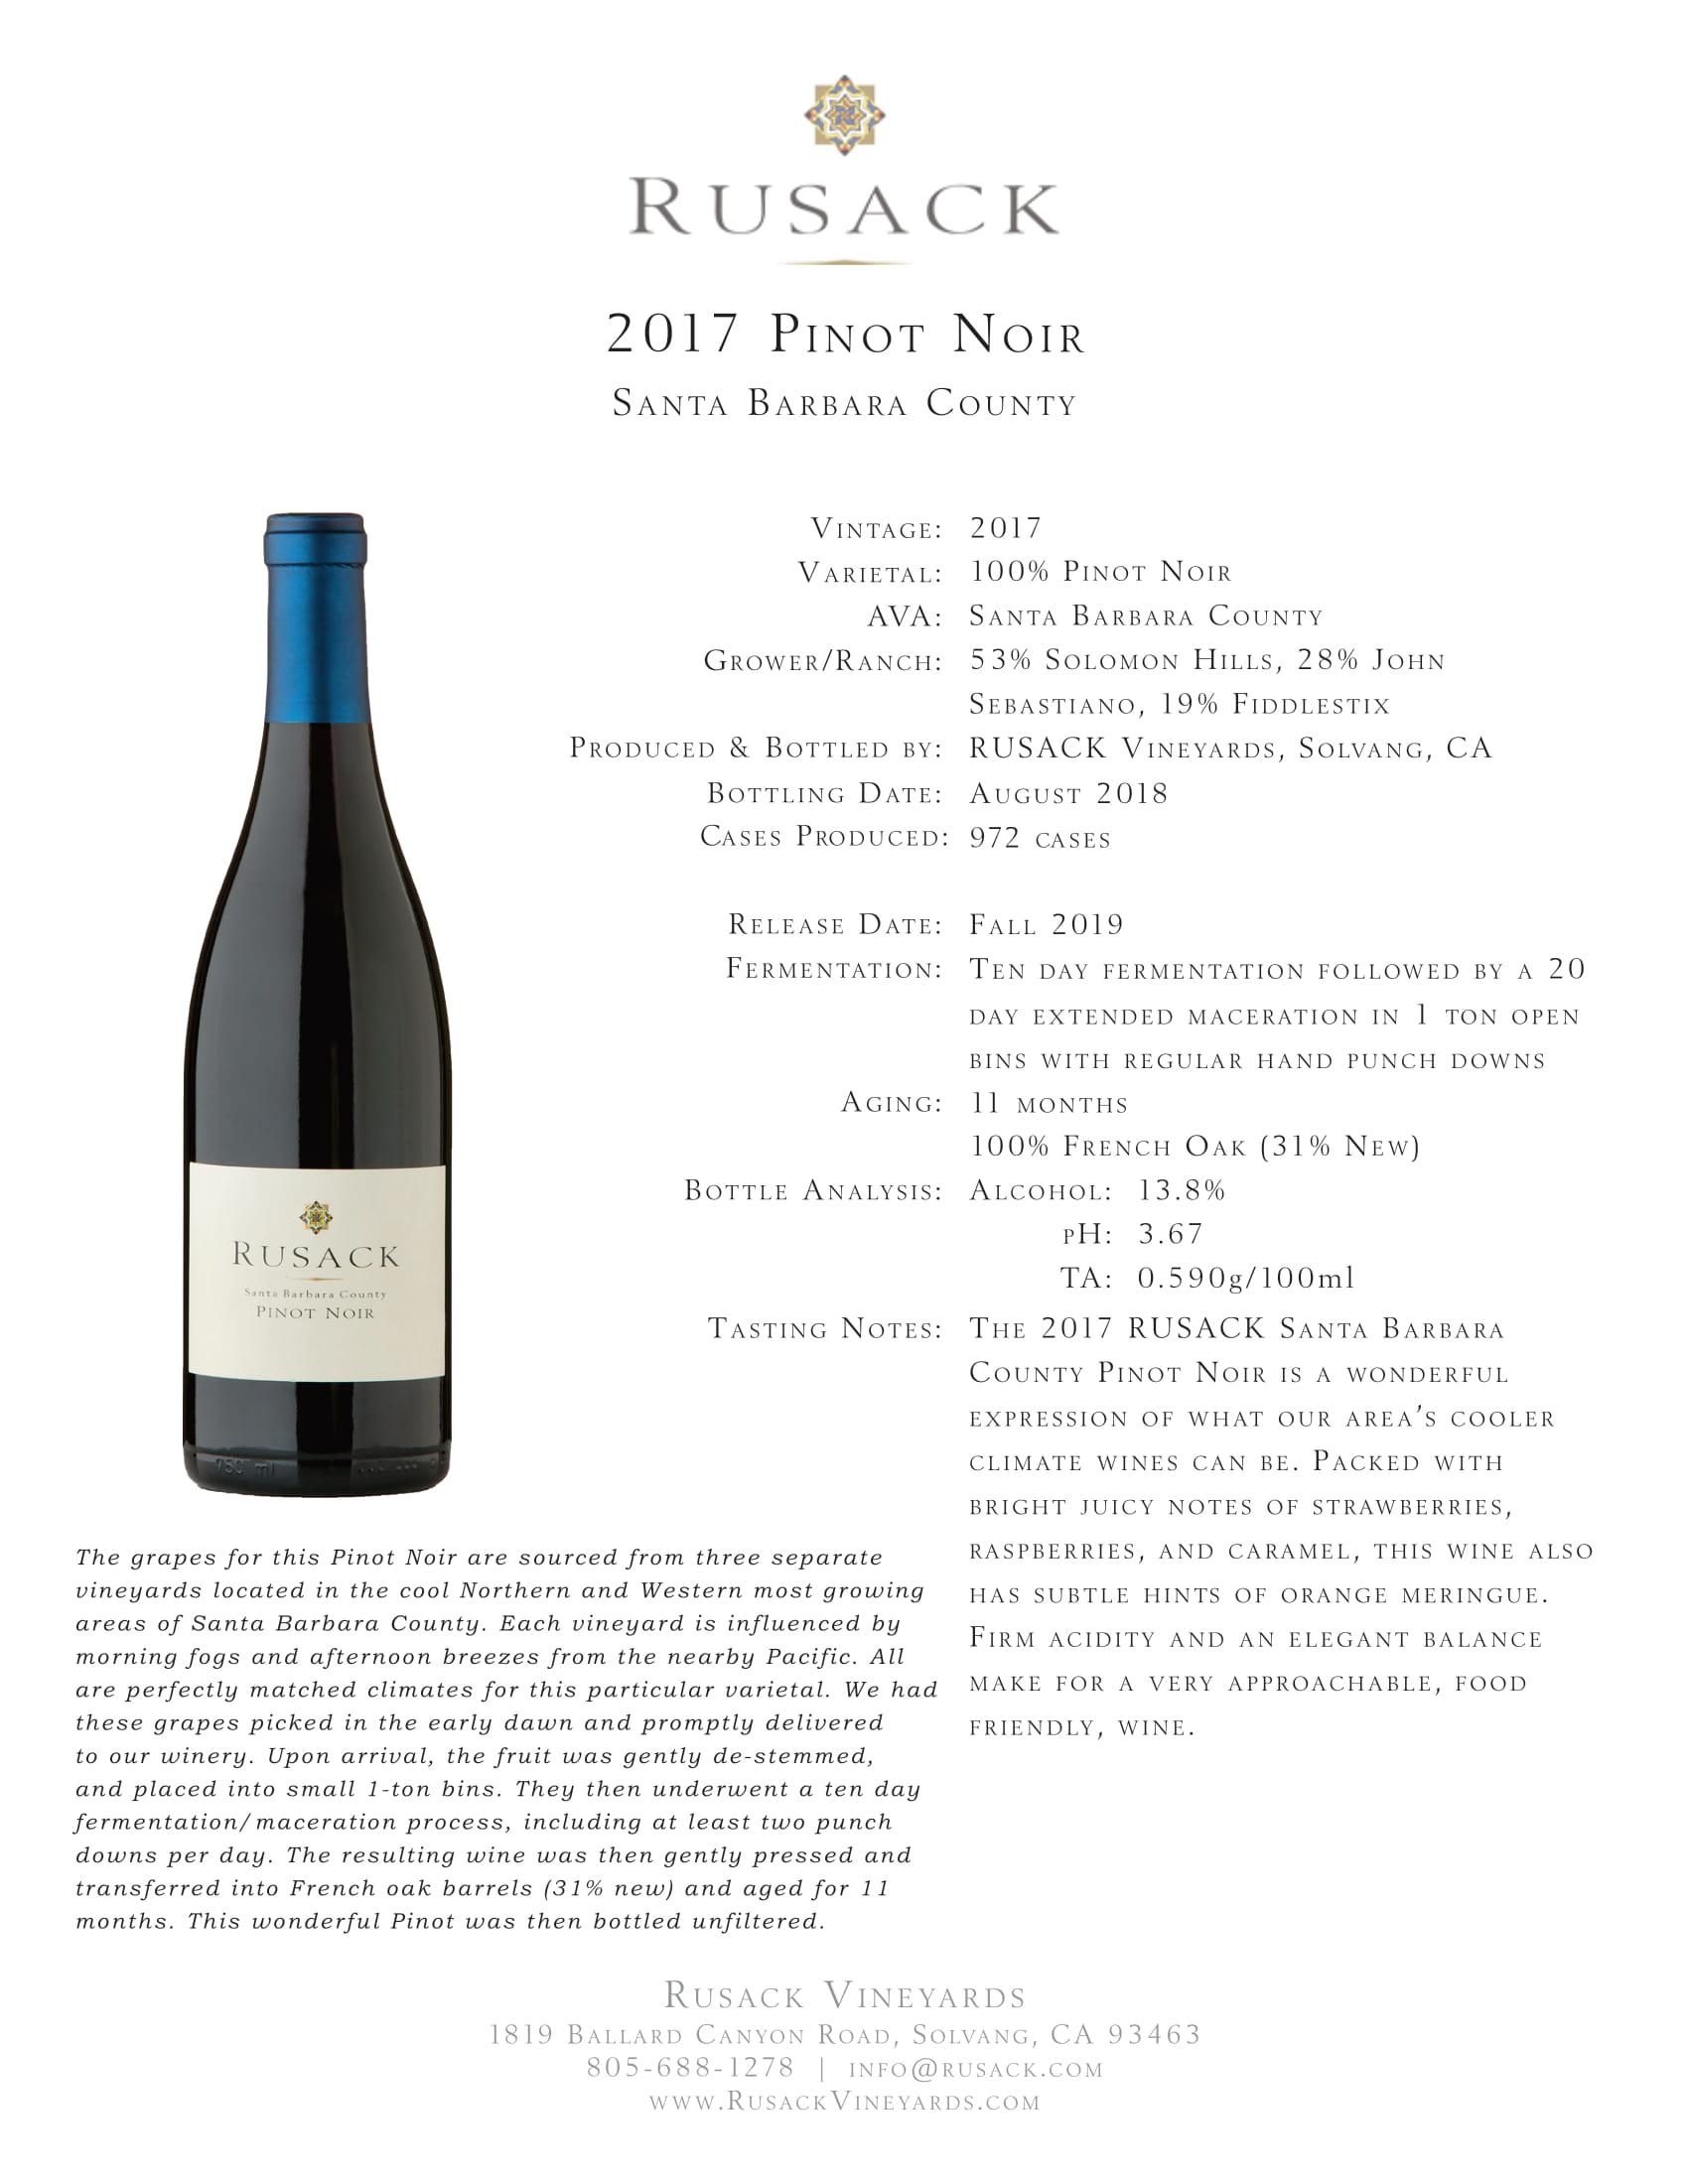 Rusack Vineyards Pinot Noir Santa Barbara County Sell Sheet